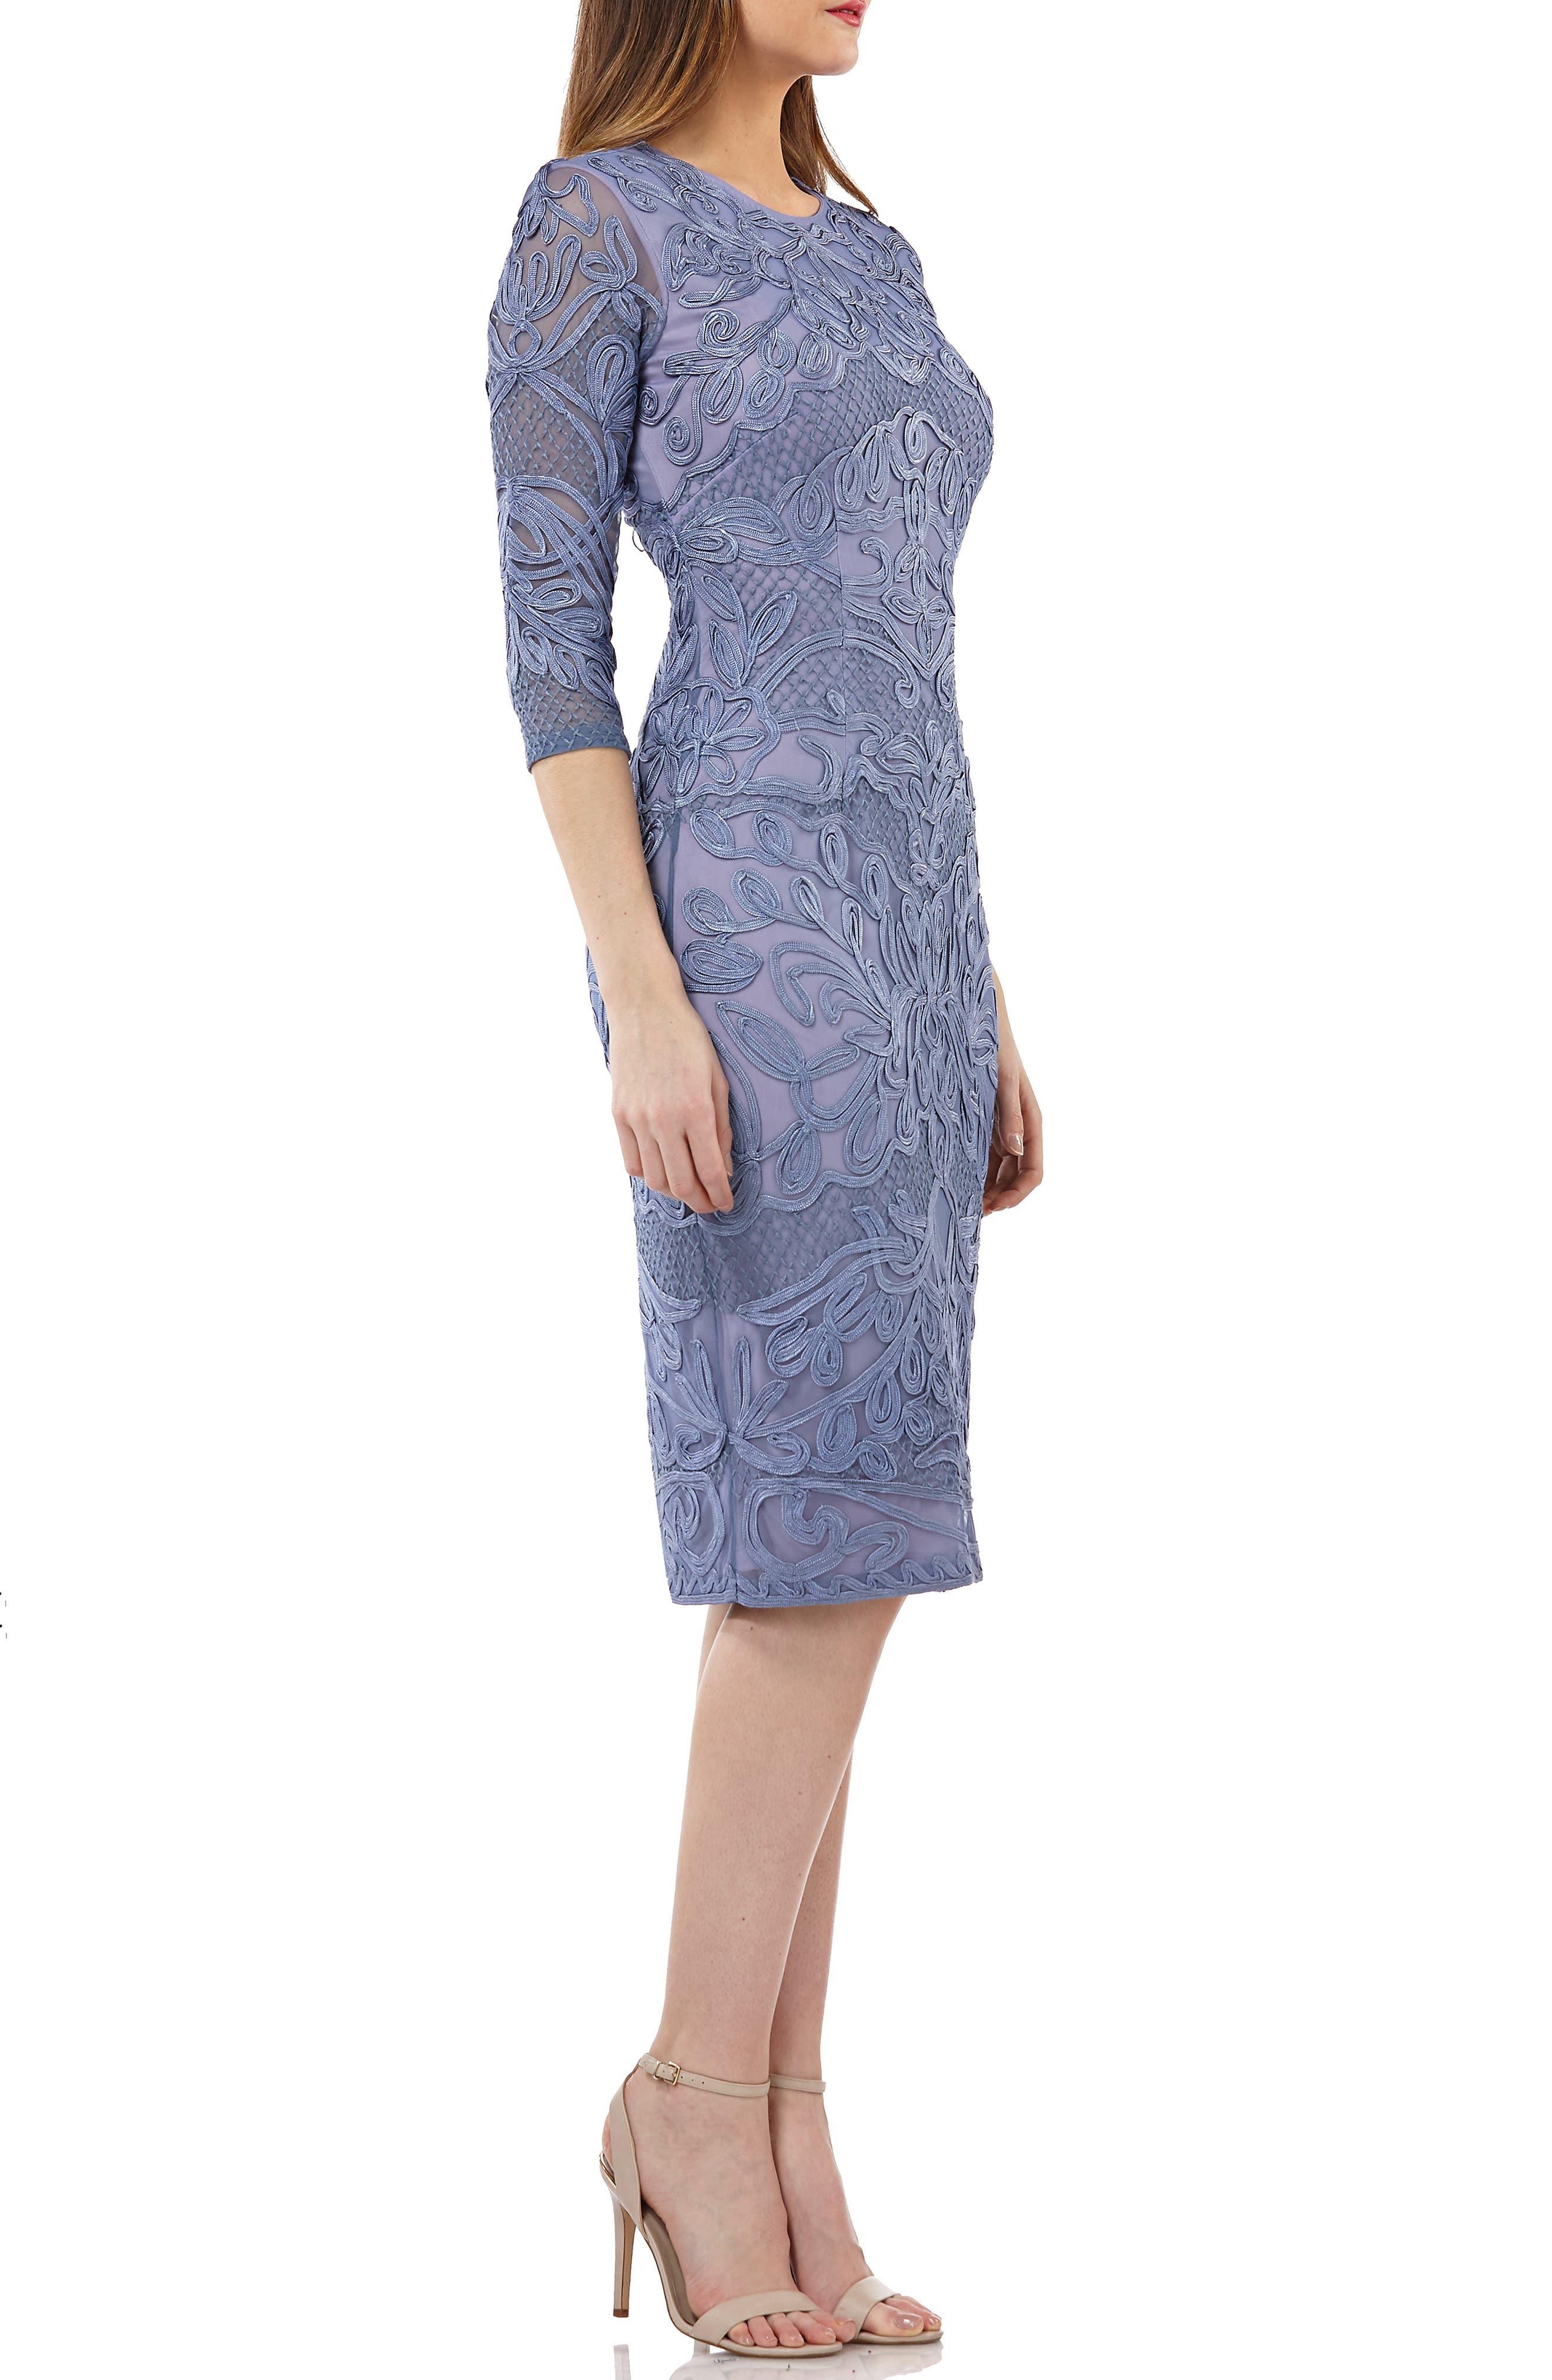 JS COLLECTIONS, Soutache Sheath Dress, Alternate thumbnail 4, color, PERIWINKLE